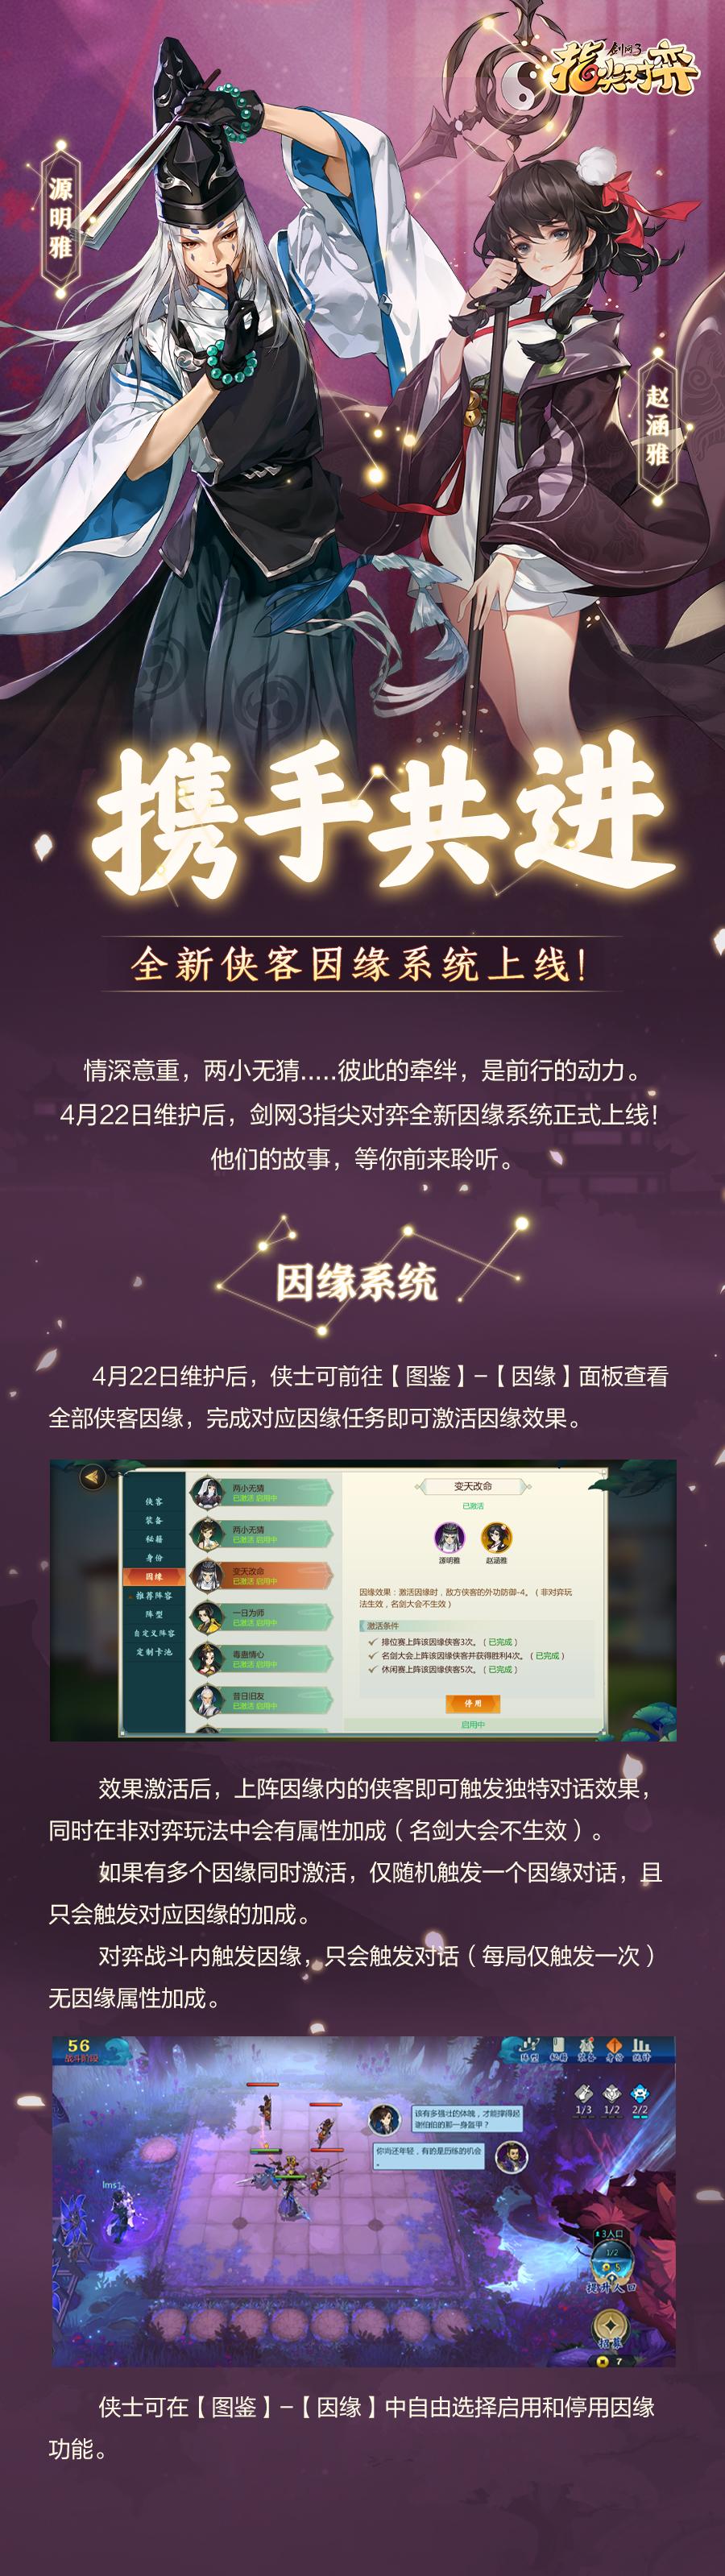 4月22日《剑网3指尖对弈》全新【因缘系统】正式上线